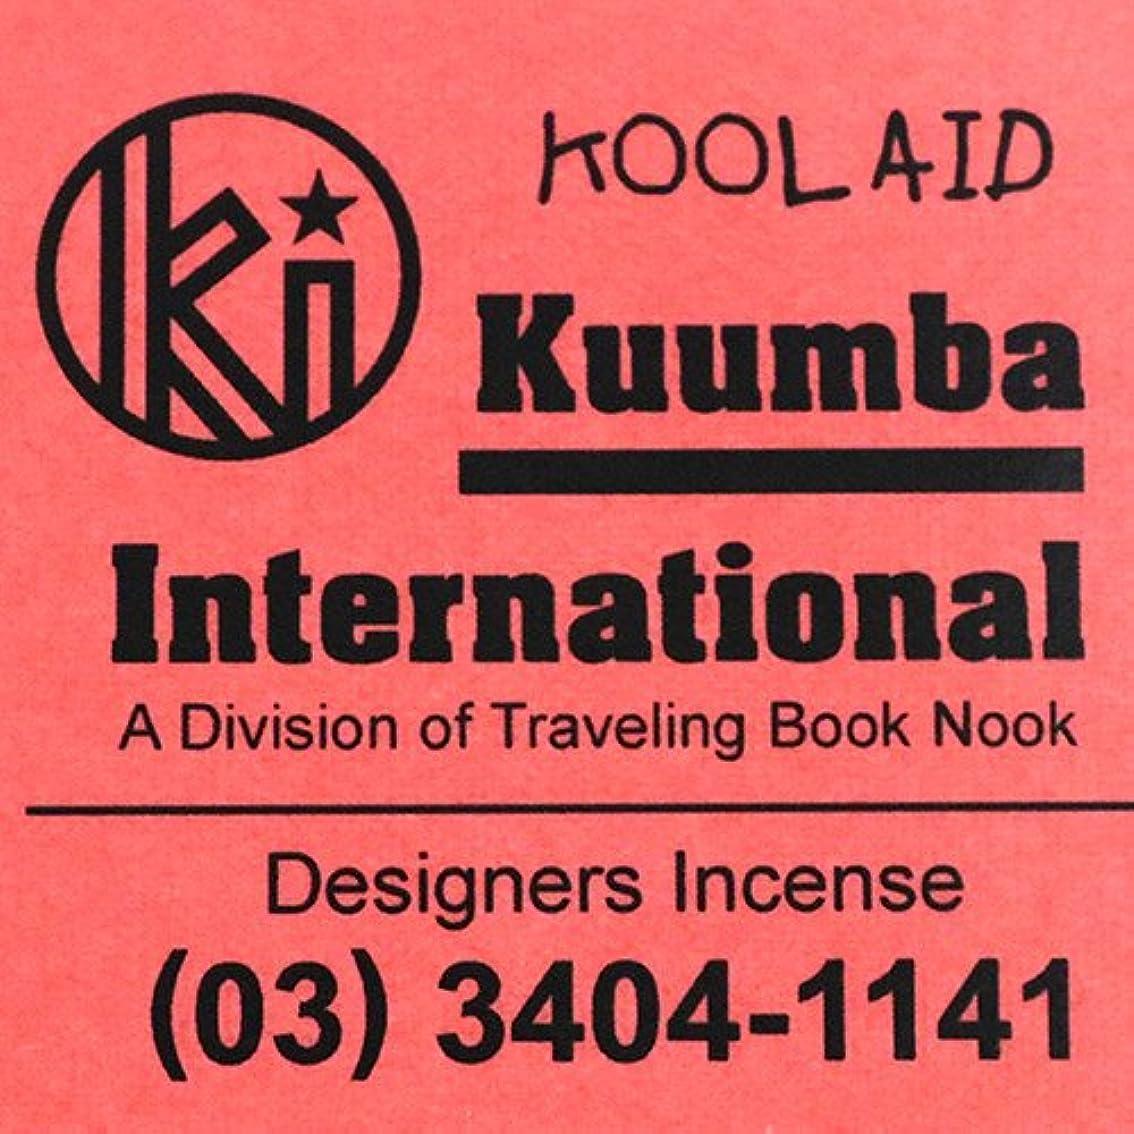 価格方法コンプライアンス(クンバ) KUUMBA『incense』(KOOL AID) (Regular size)